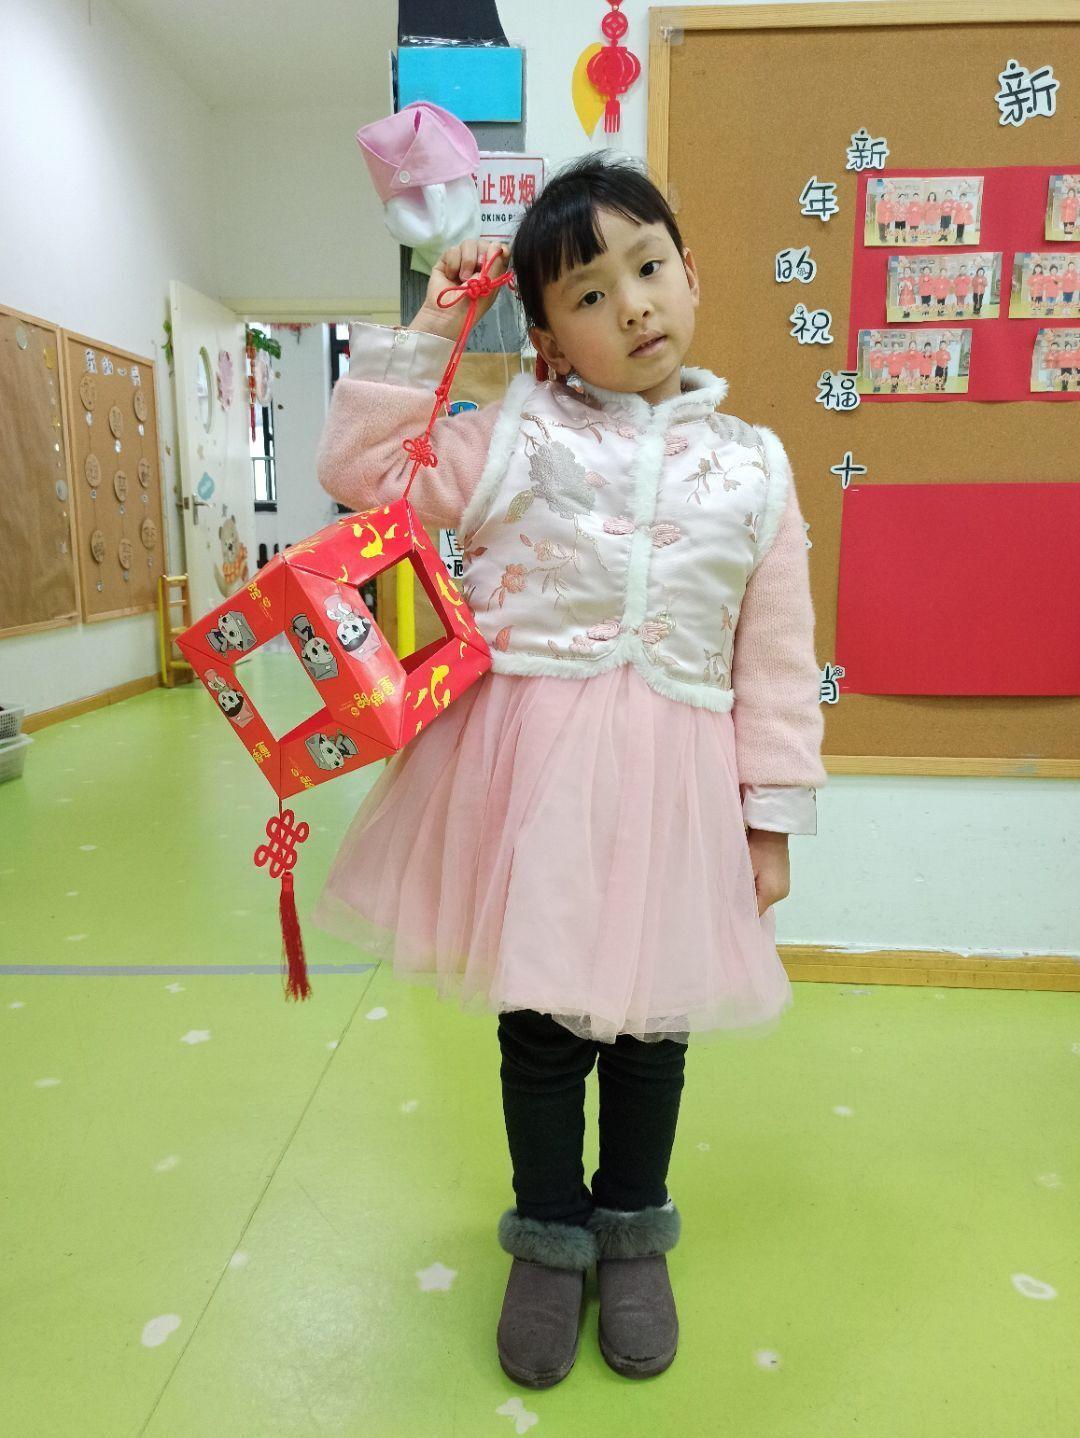 金梅报春来,喜乐闹元宵---爱尼尔幼儿园元宵庆祝主题活动